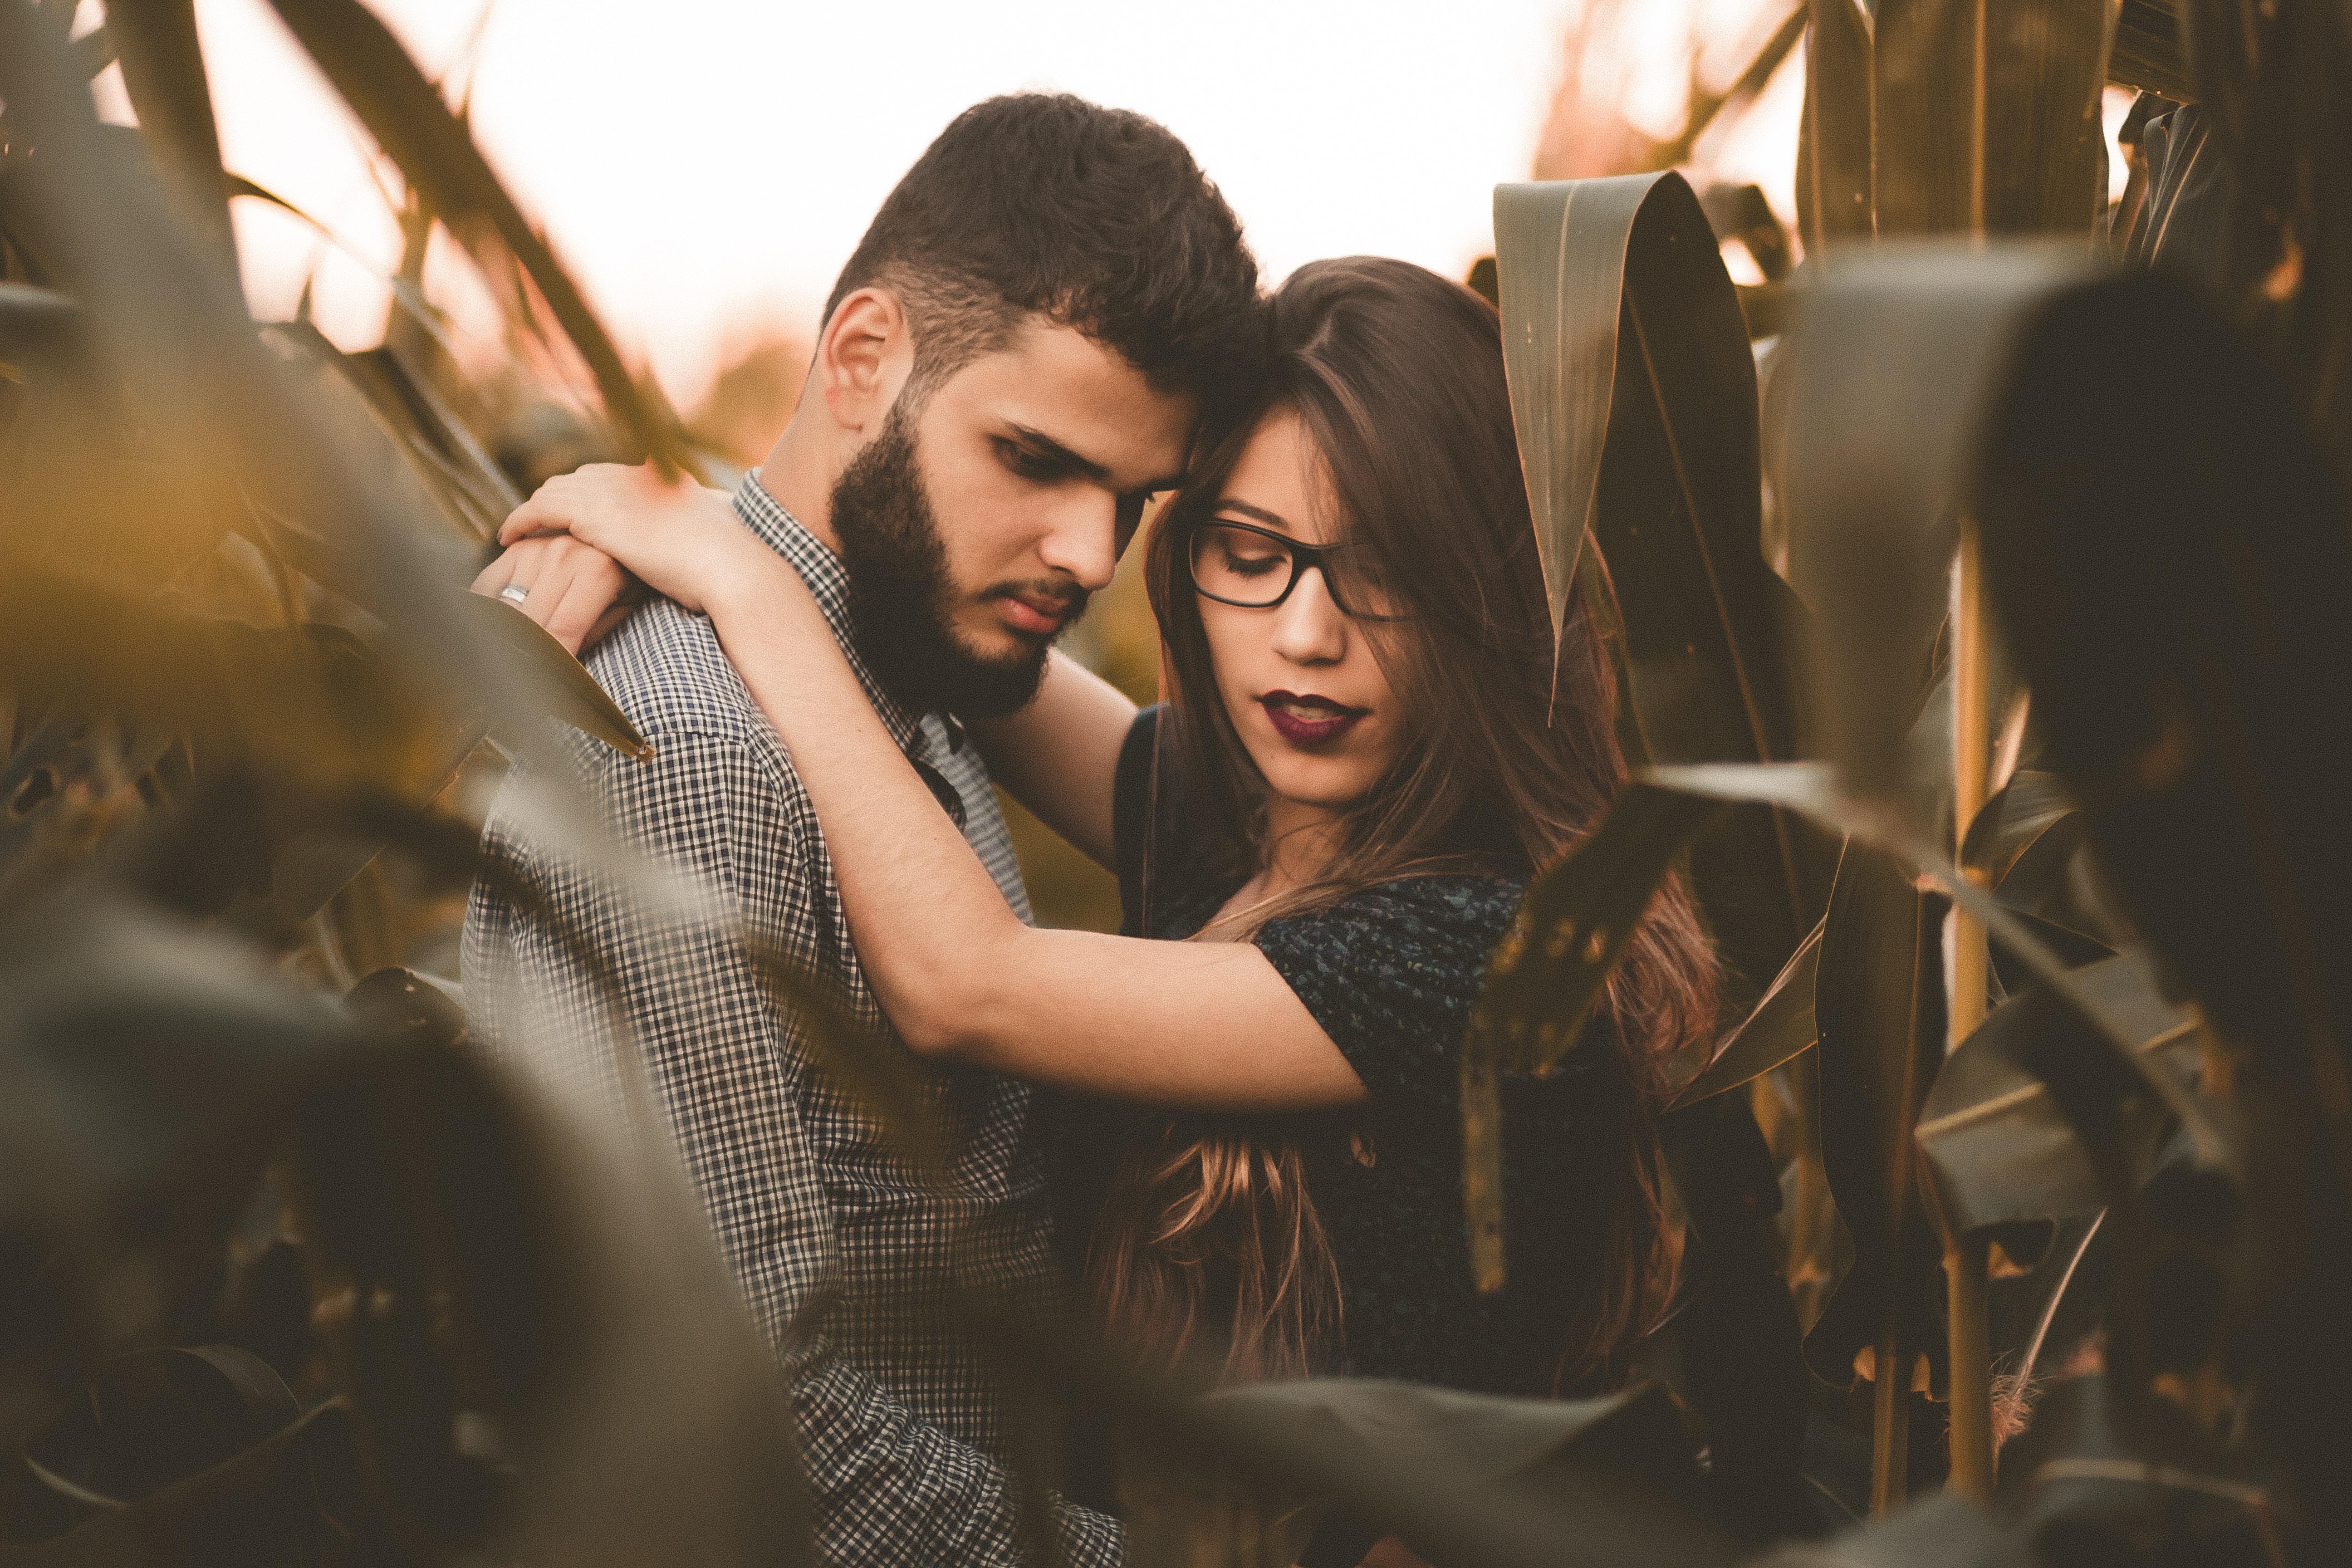 Romantic Embrace